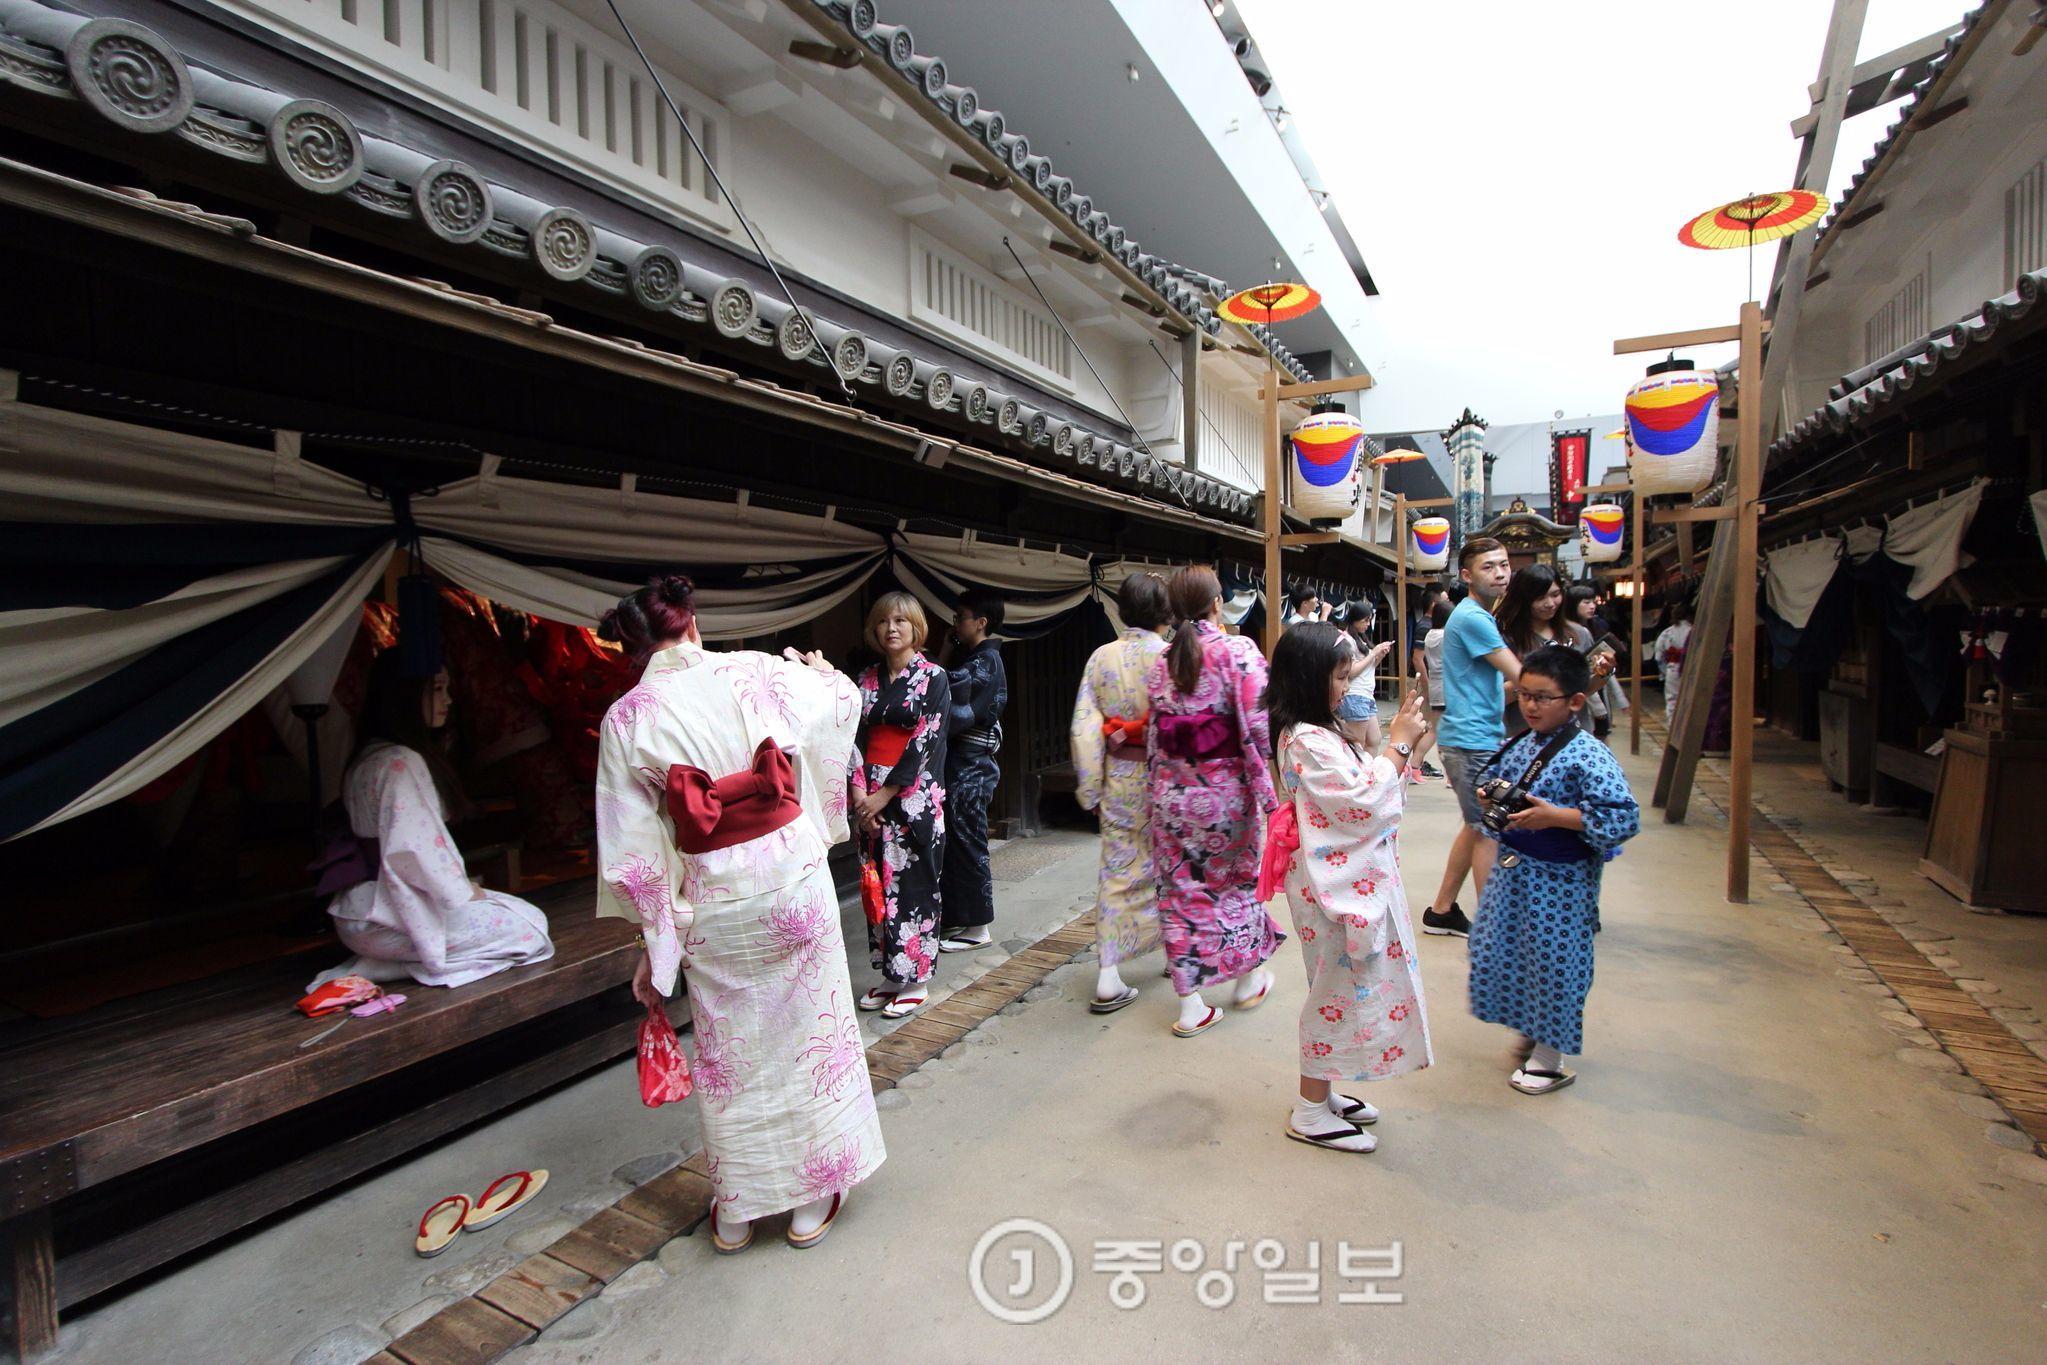 오사카 여행 중인 관광객들. (기사와 직접적 관련 없음)